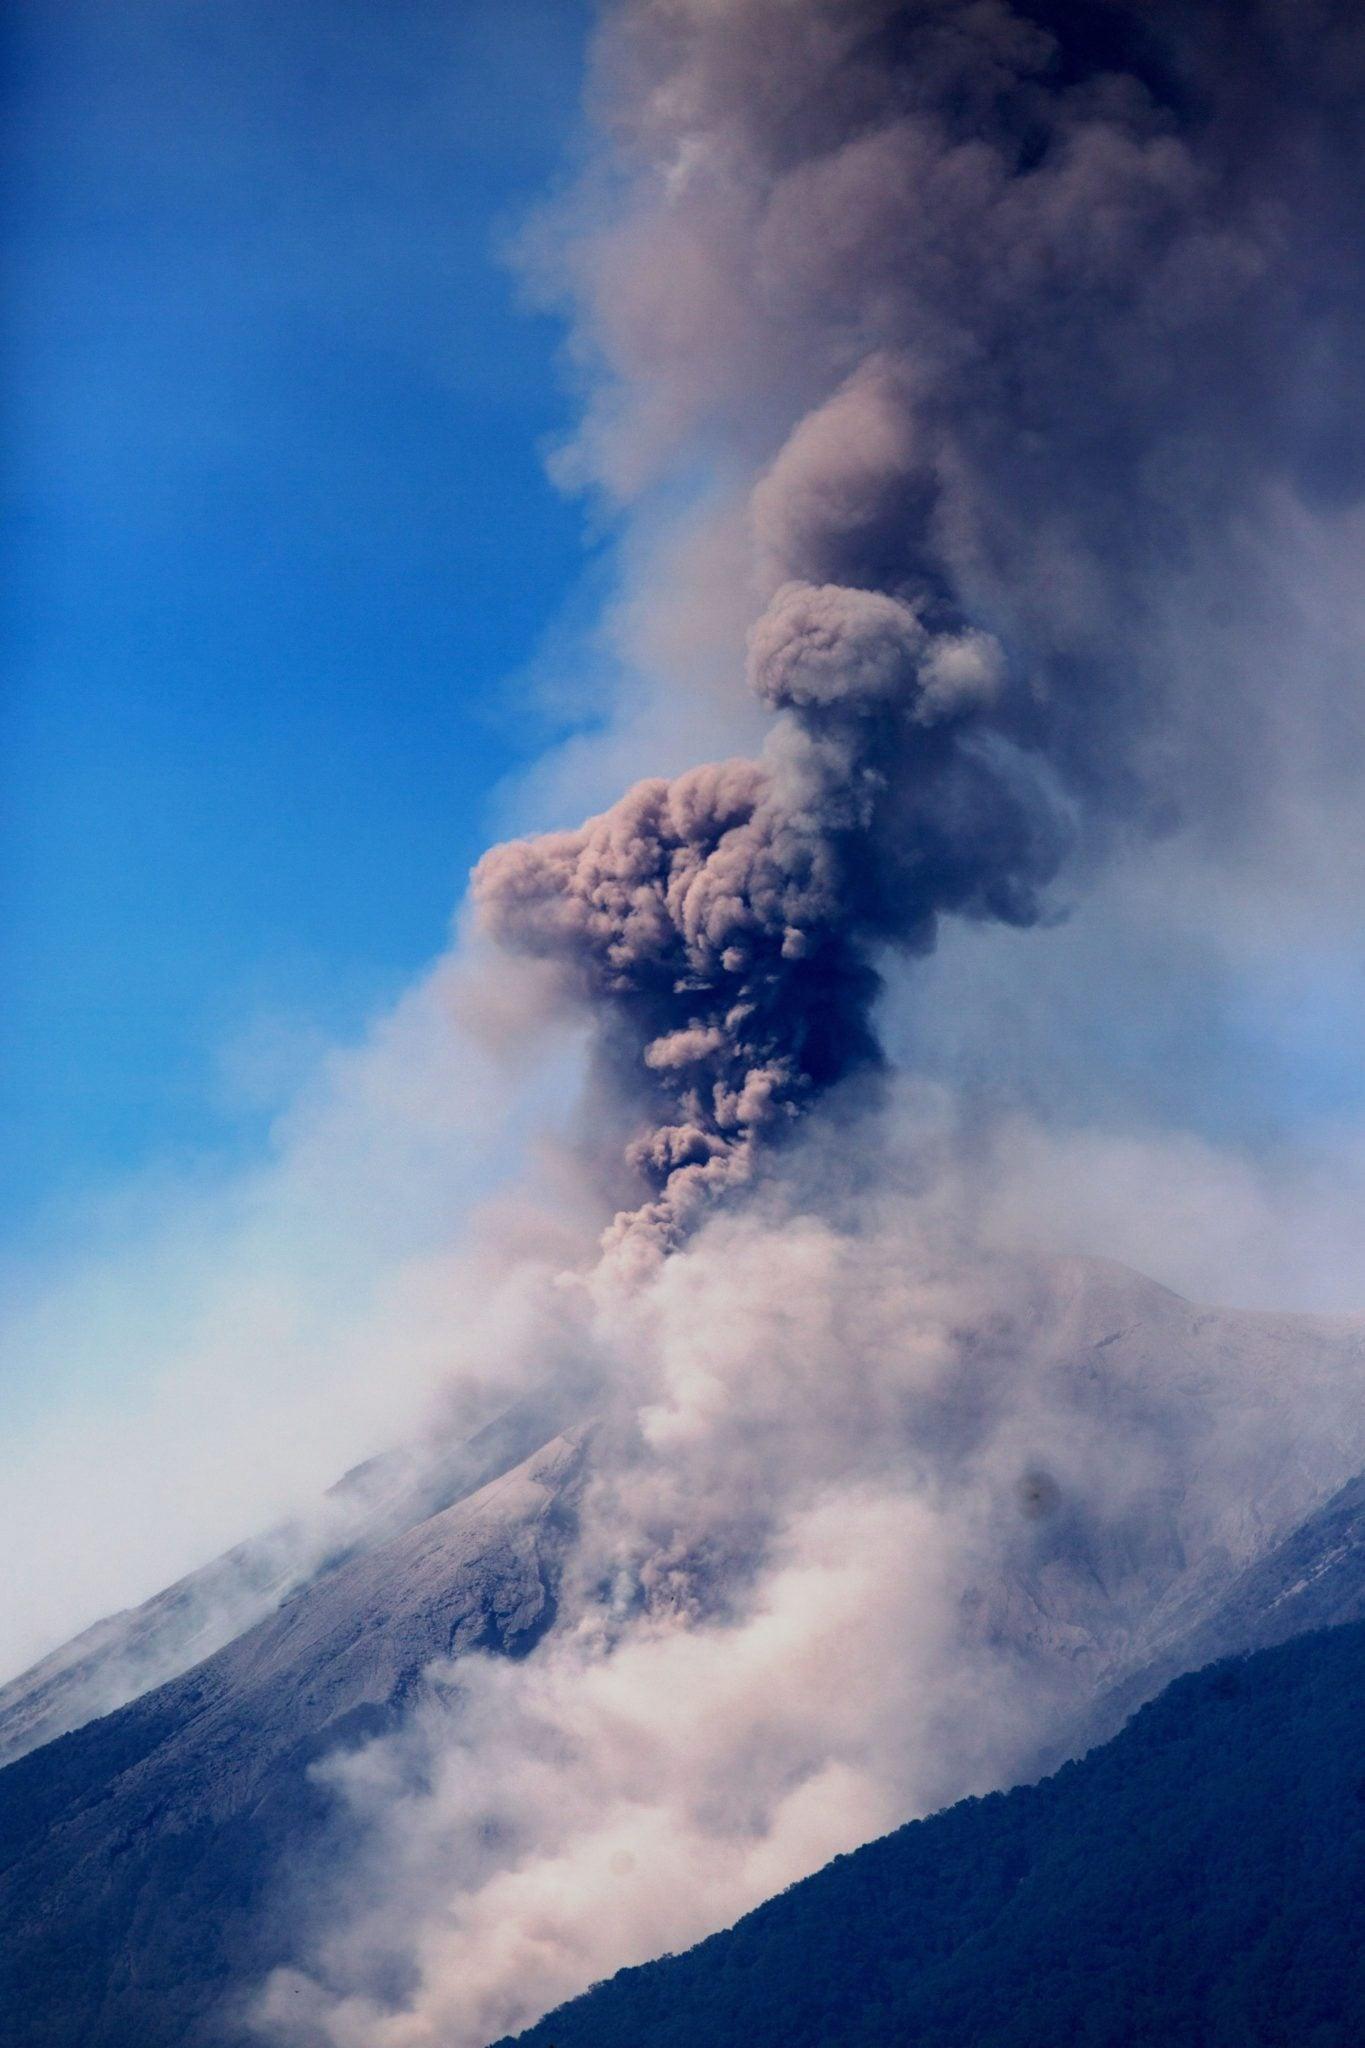 Gwatemala: widok na wulkan na Antigui, 50 km od stolicy kraju – Gwatemali. Wulkan wyrzuca popiół, który osiąga 5.500 metrów nad poziomem morza. To jest to pierwsza erupcja w tym roku, fot: Esteban Biba, PAP/EPA